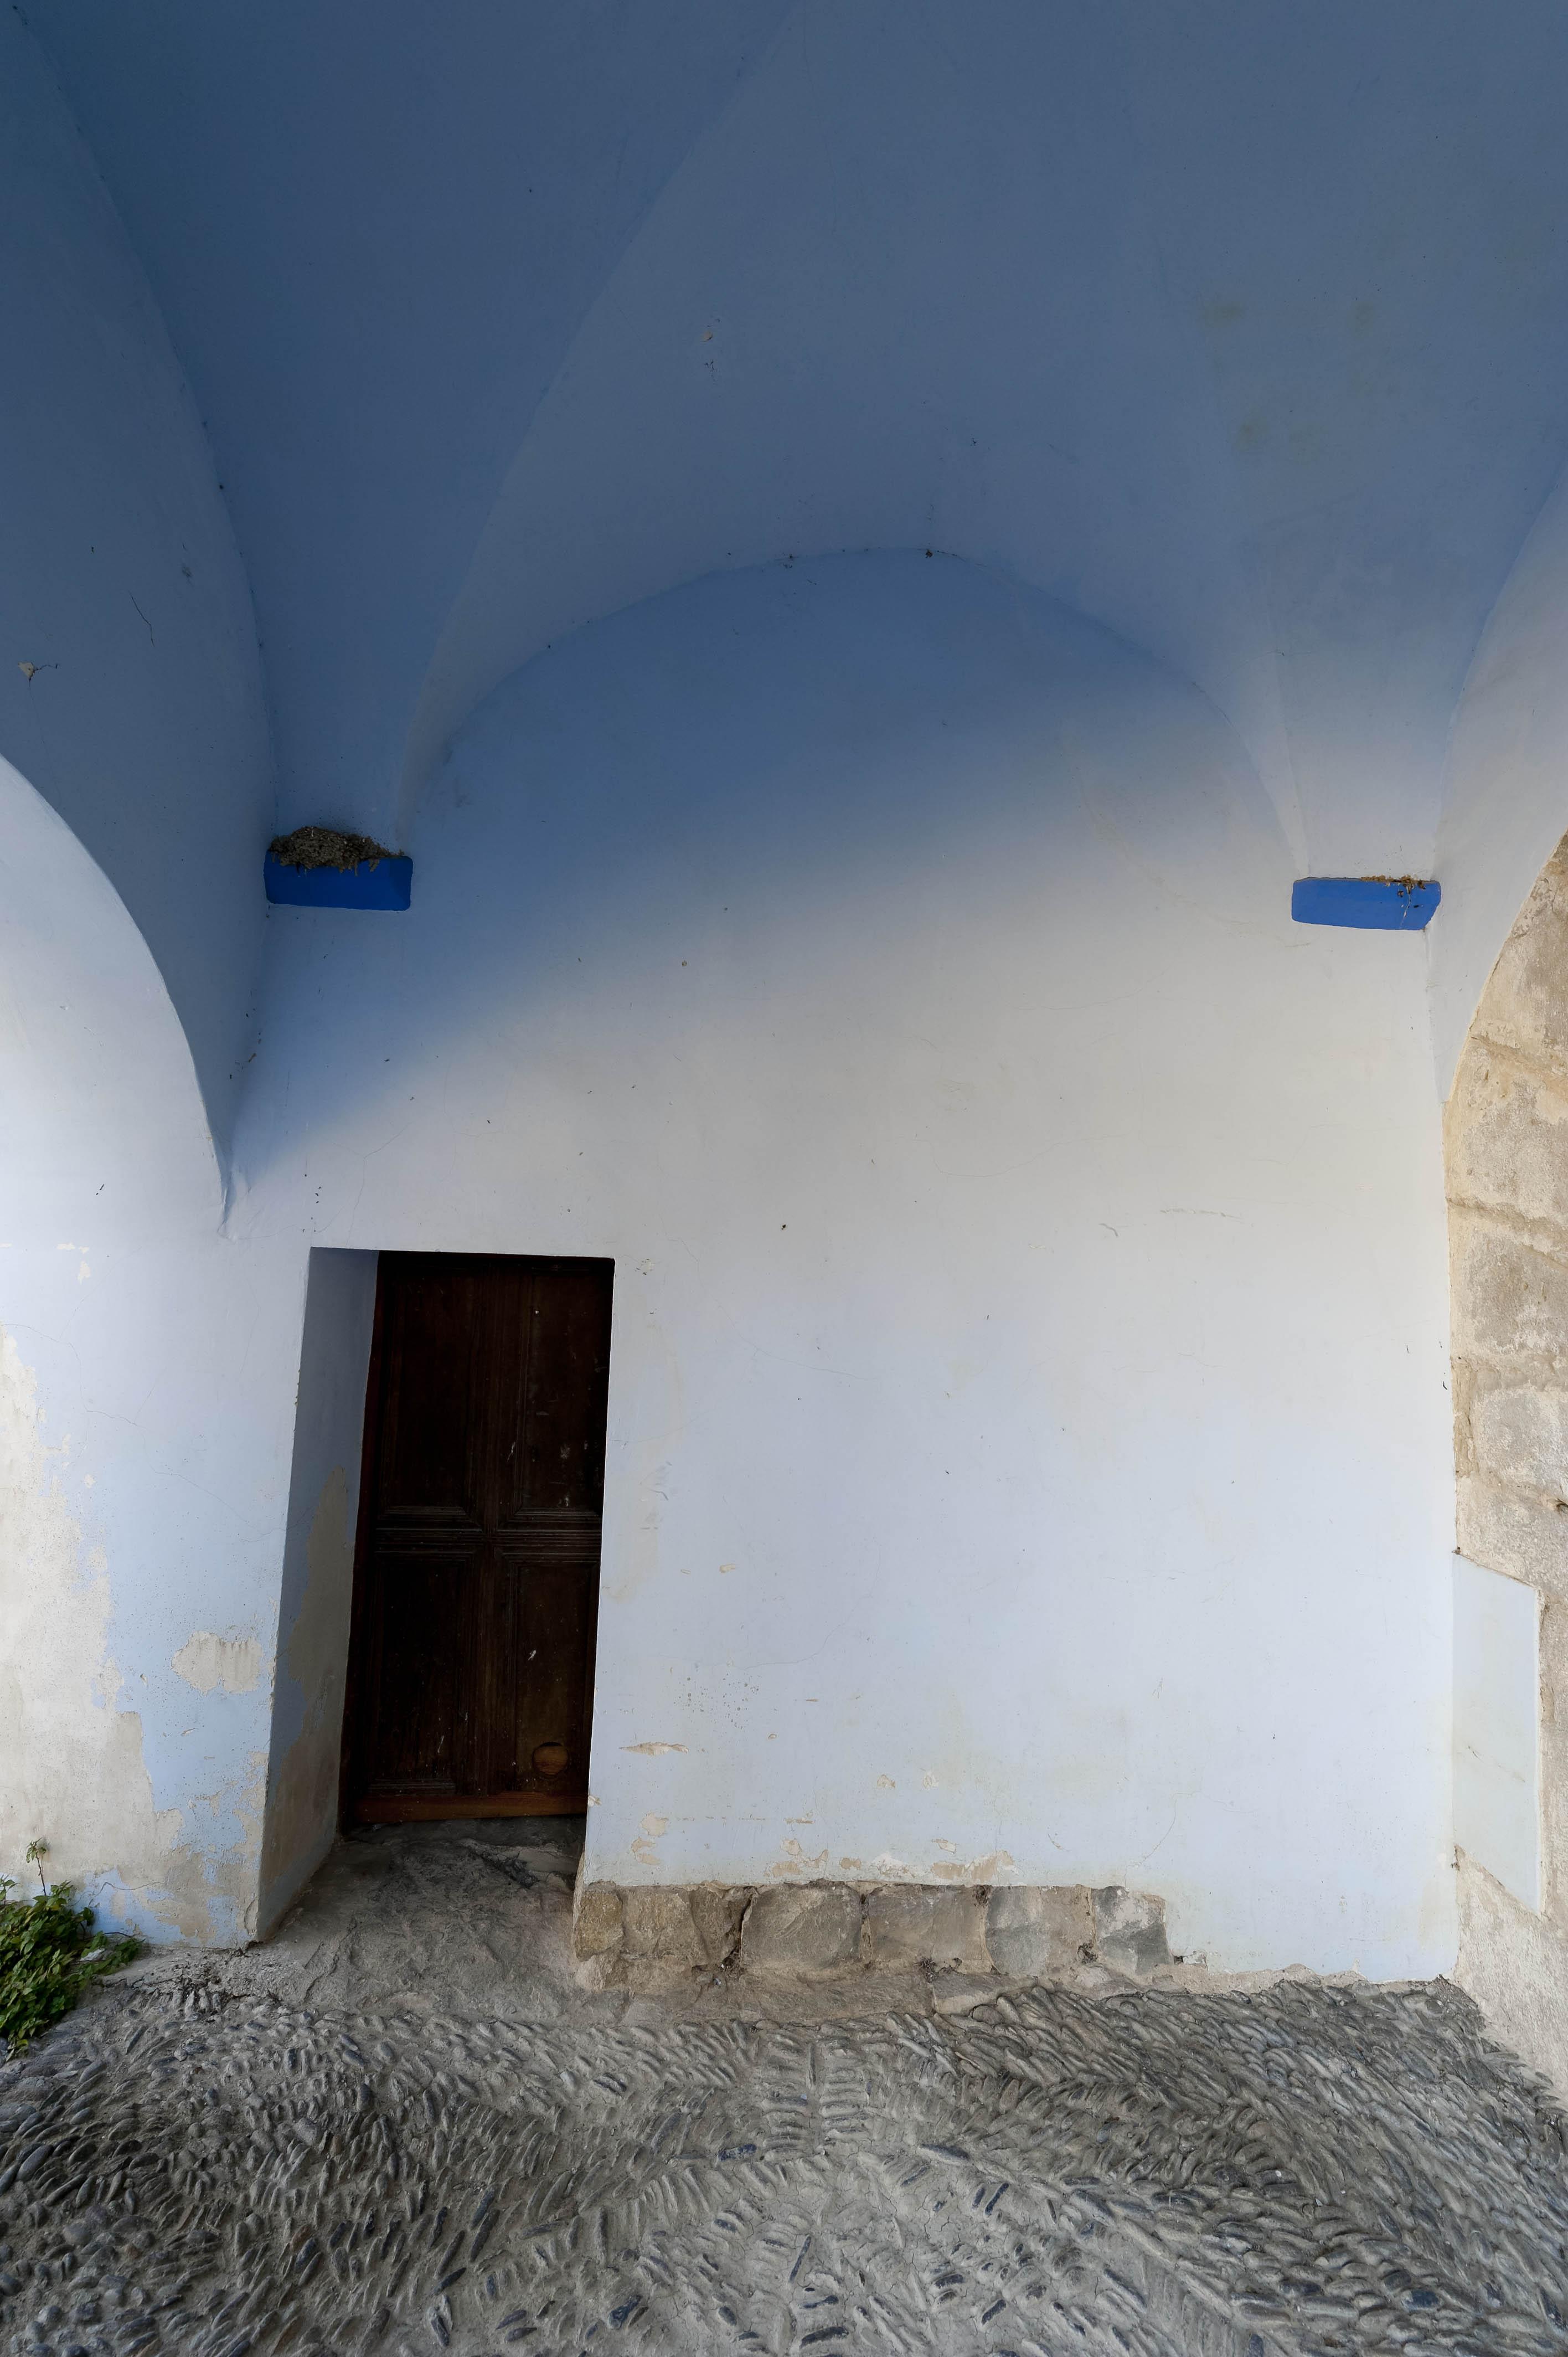 5714_Sieste (Sobrarbe Aragon)